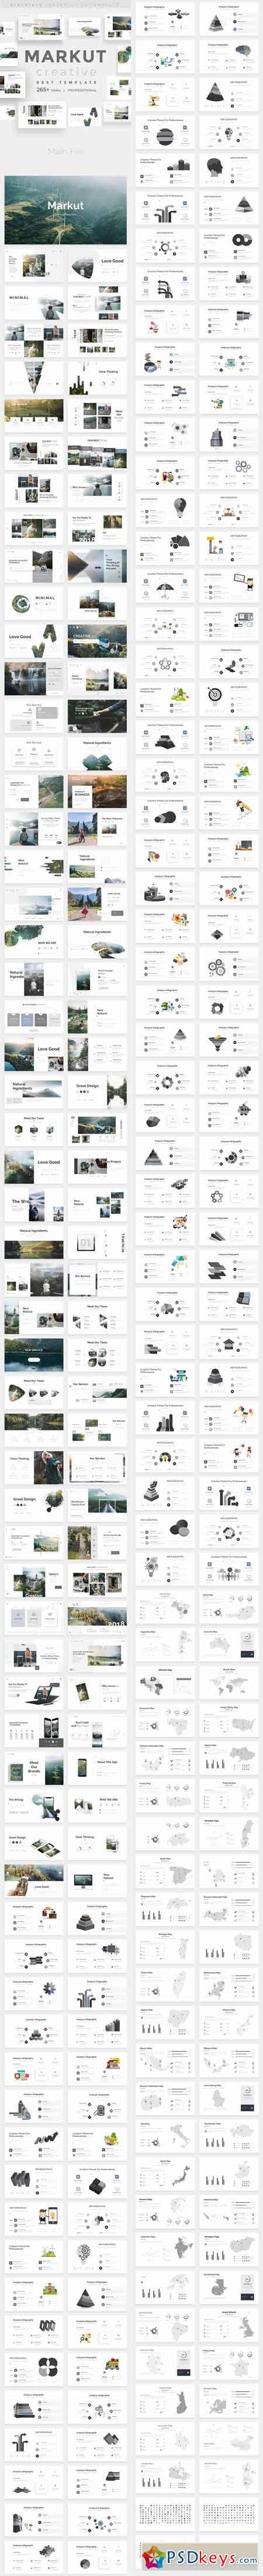 Markut Creative Powerpoint Template 22862131